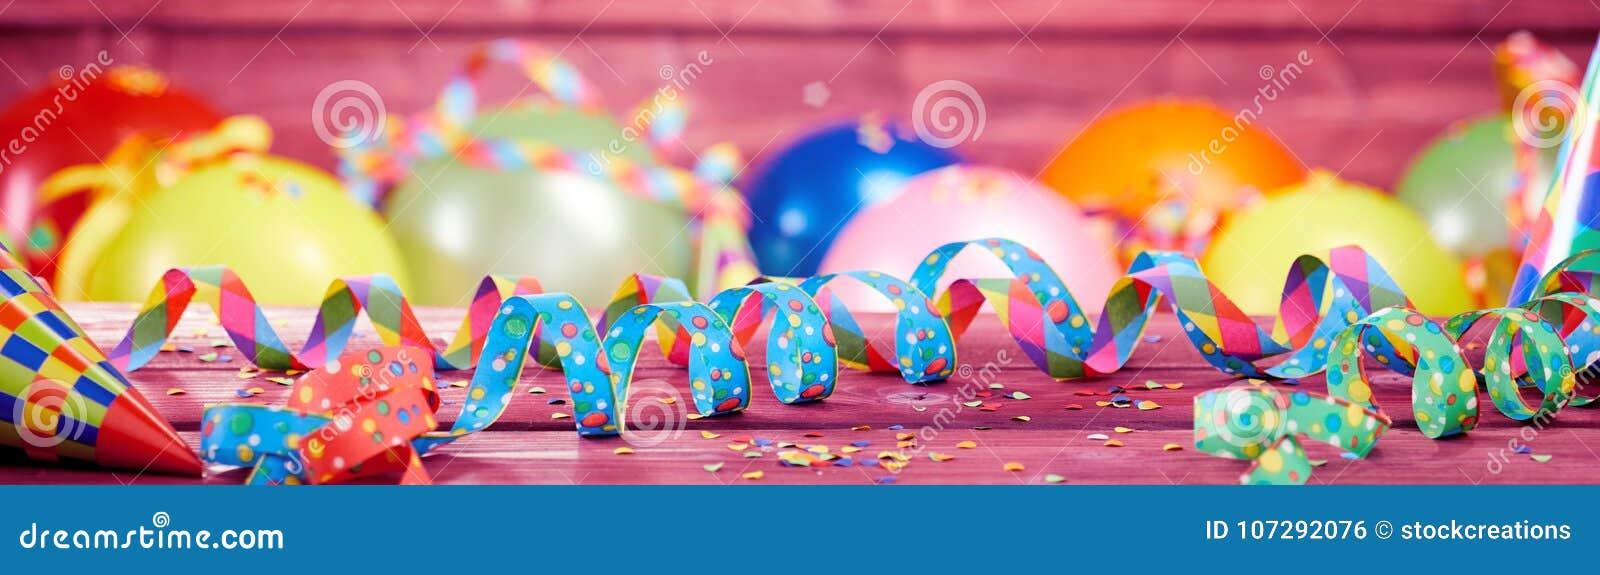 Kleurrijke feestelijke partij of Carnaval-banner